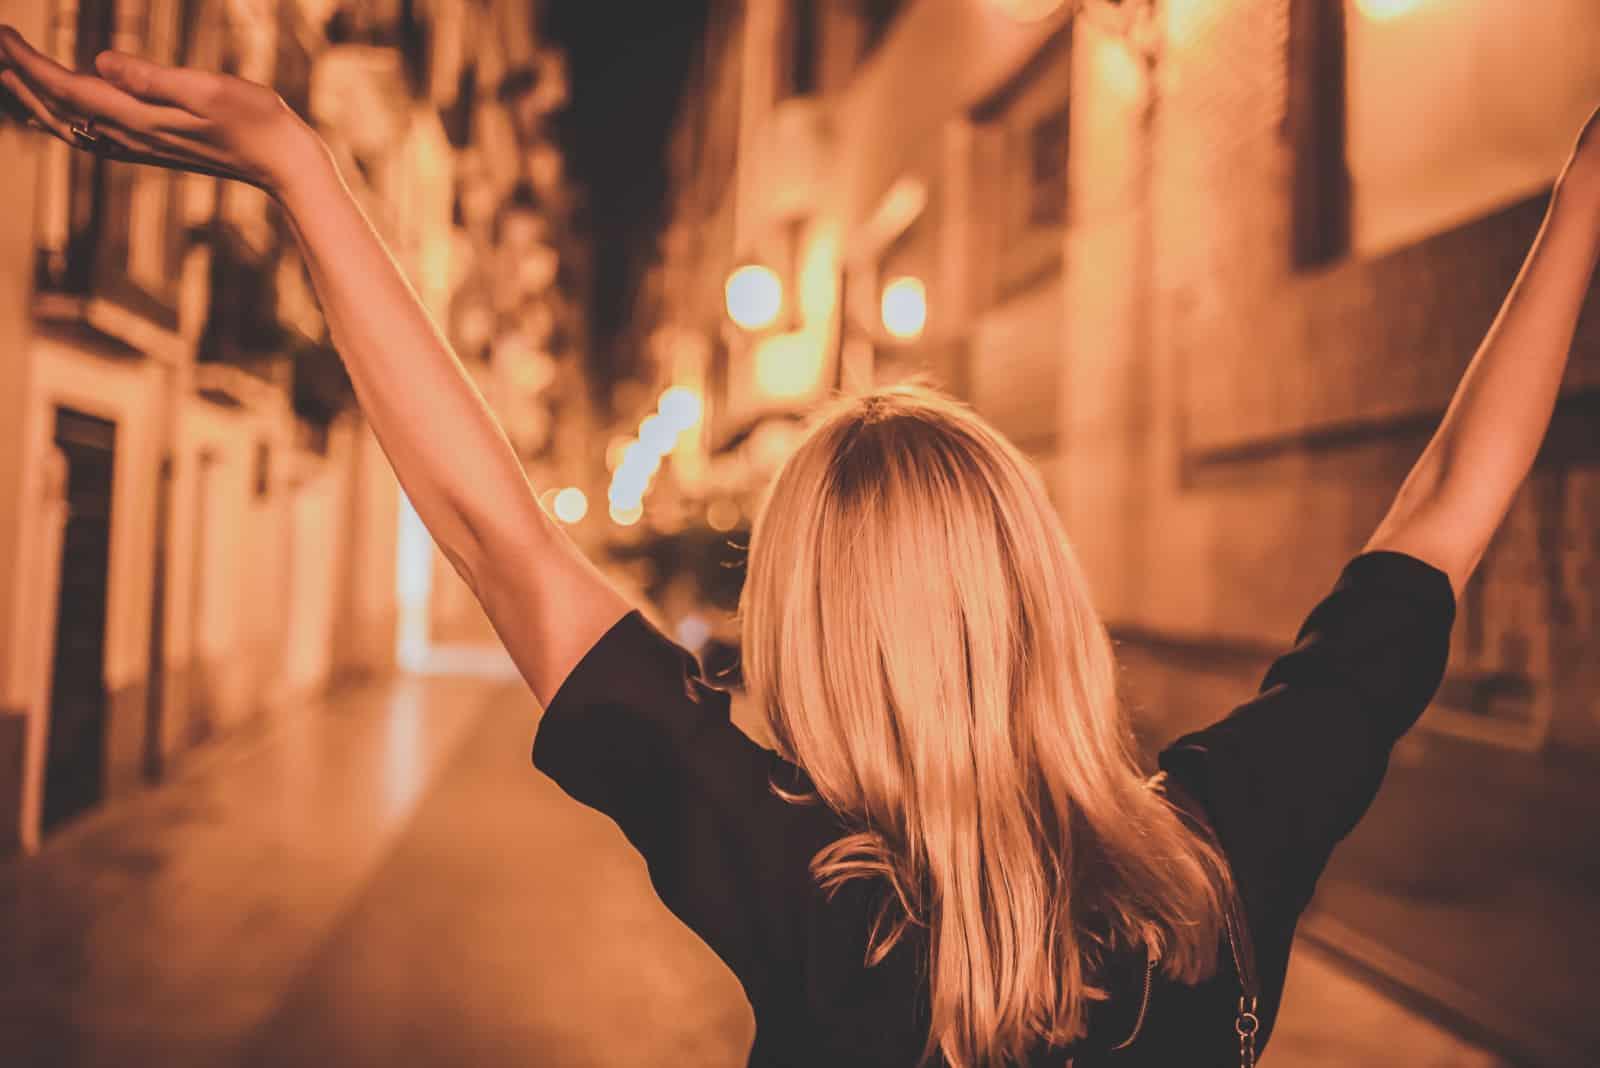 la fille marche dans les rues les bras levés en l'air